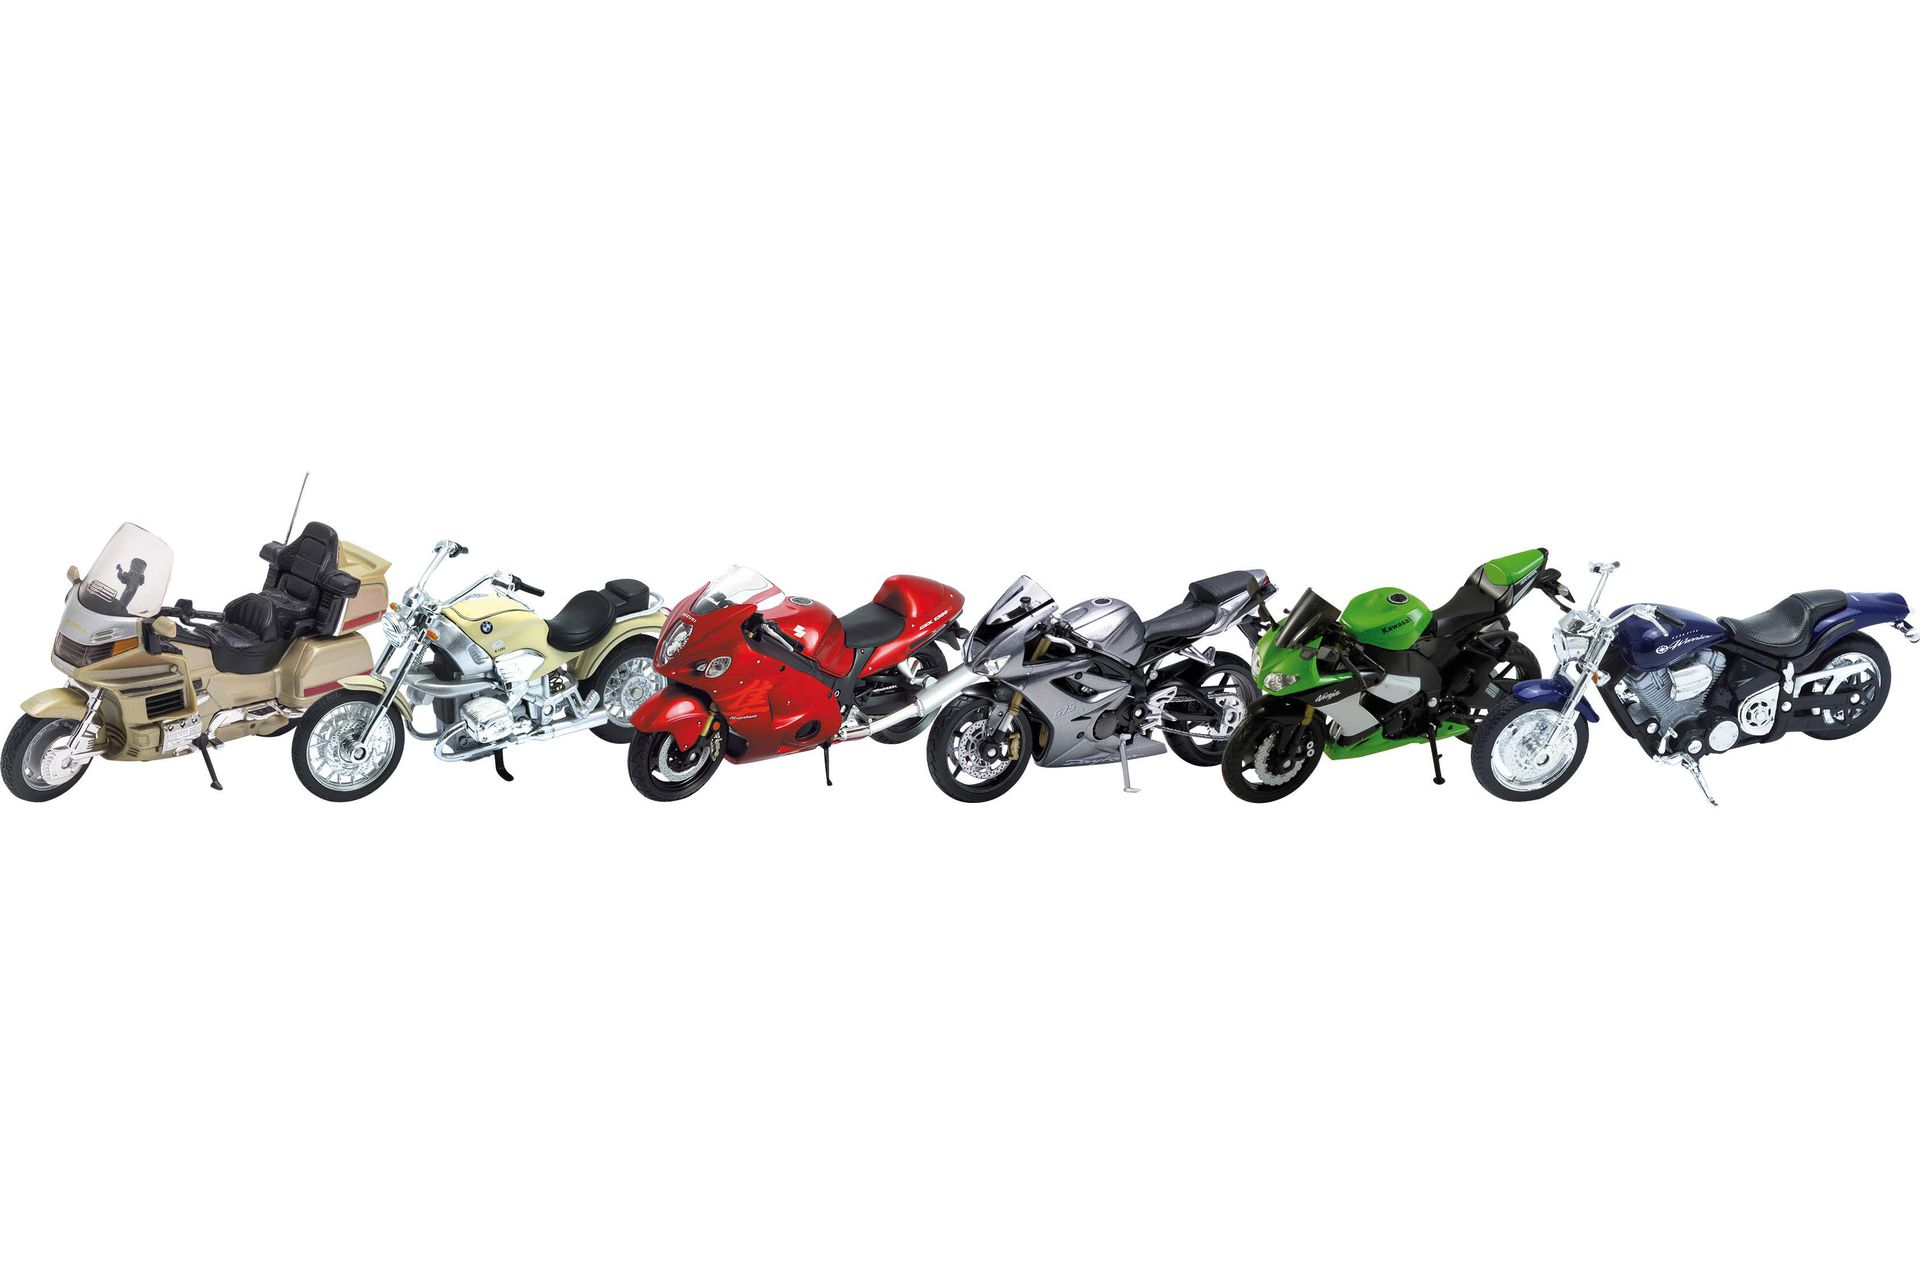 Jucarie- Motocicleta - mai multe modele | Goki